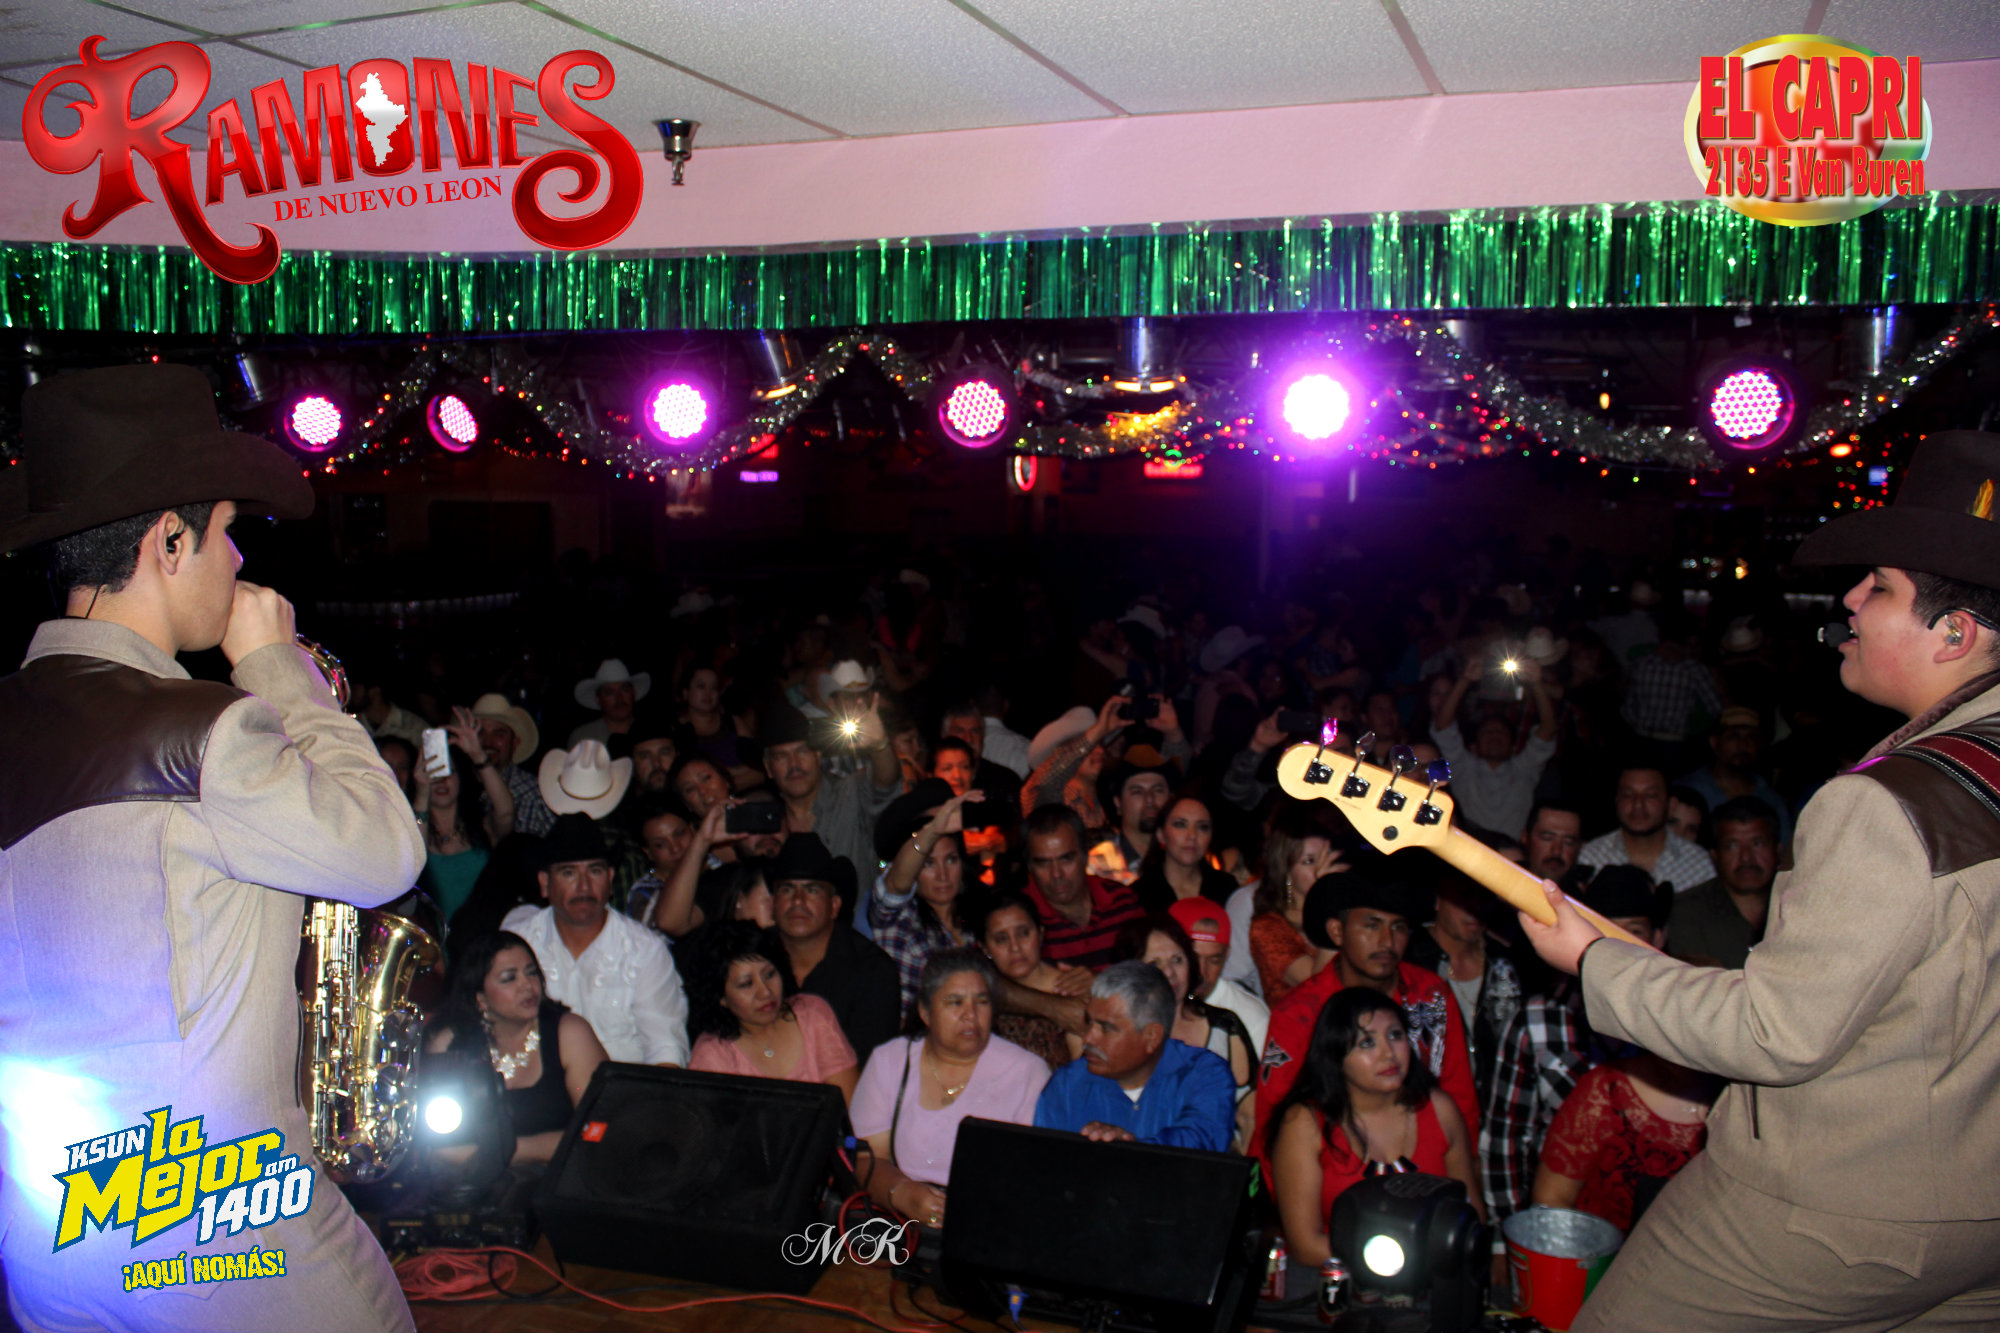 Ramones de Nuevo León